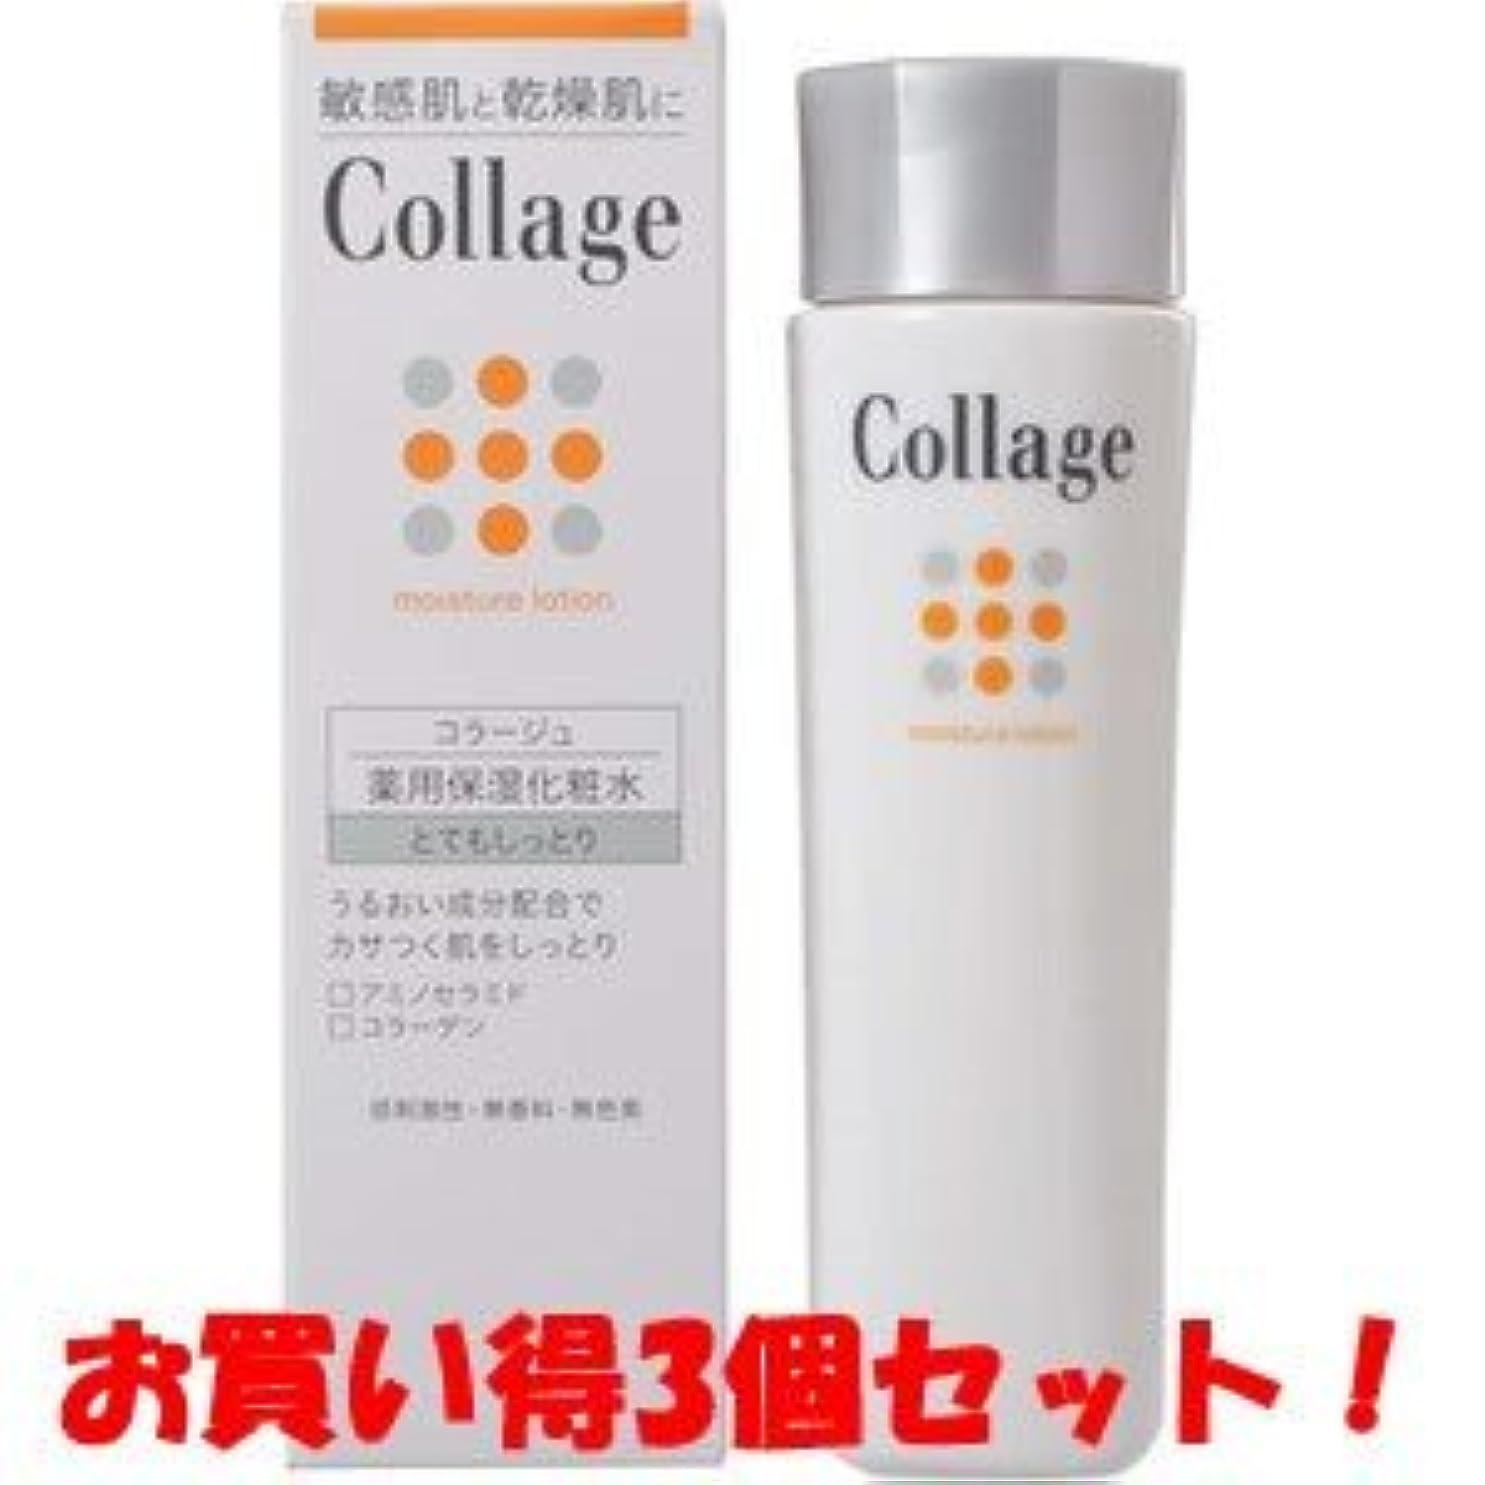 モルヒネキーフォーム(持田ヘルスケア)コラージュ 薬用保湿化粧水 とてもしっとり 120ml(医薬部外品)(お買い得3個セット)